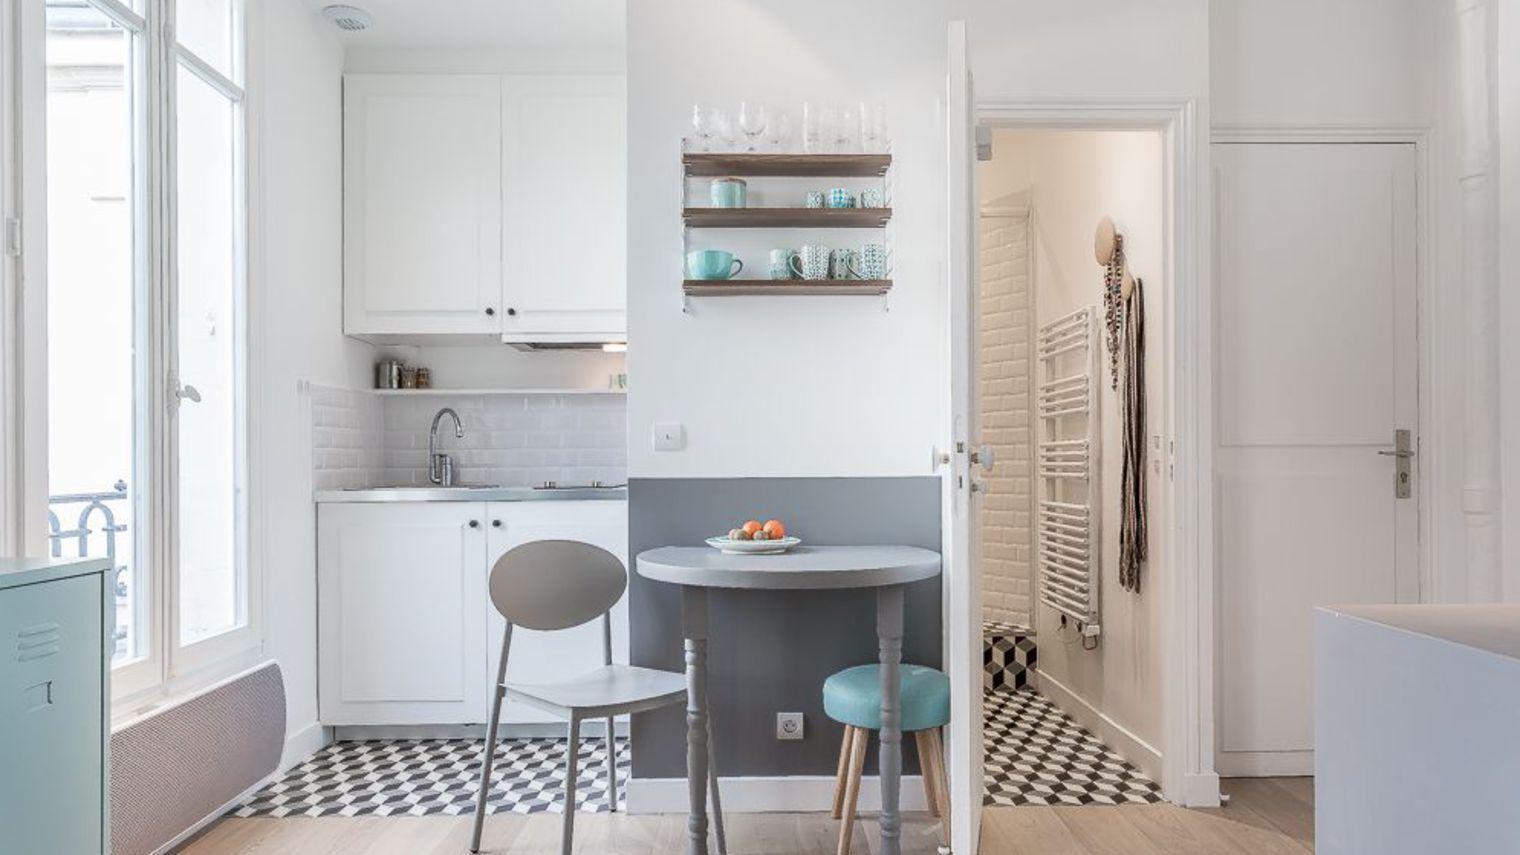 2,4 m2 pour une cuisine maxi chic | Small spaces | Pinterest